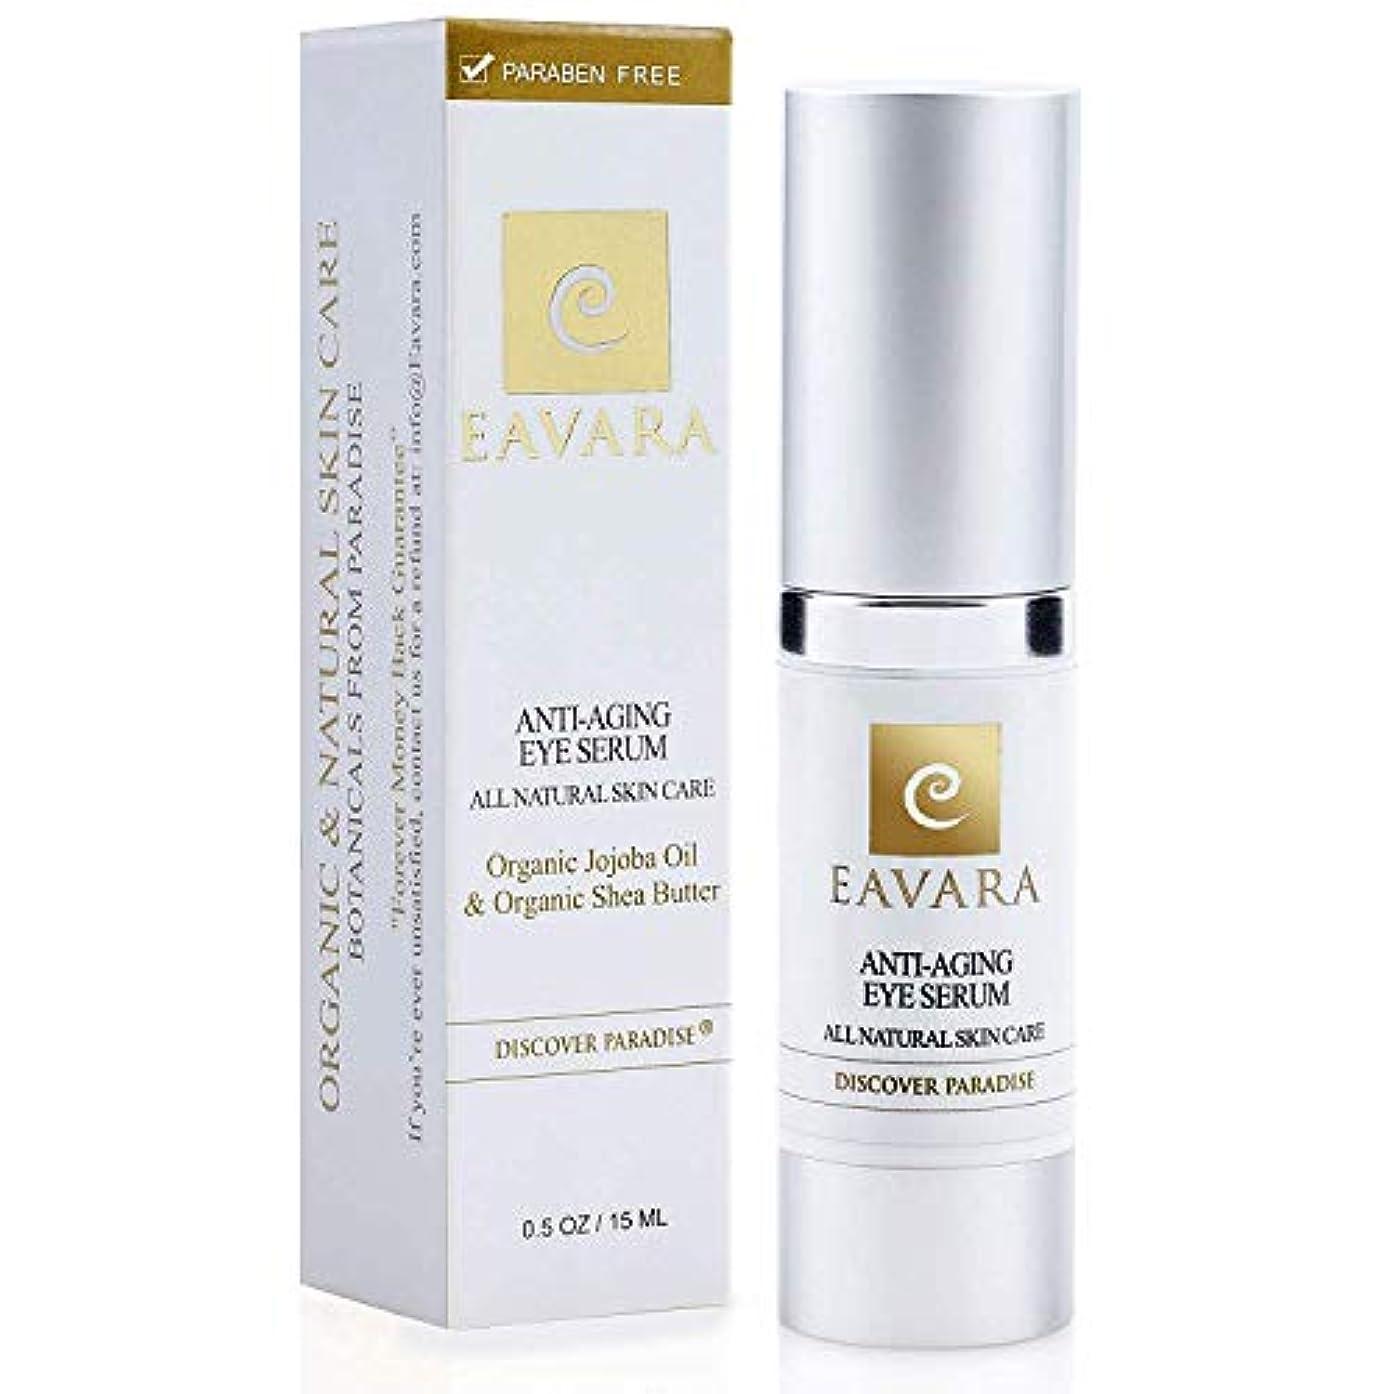 バインドモデレータ貧困[Eavara] [アンチエイジングアイ血清 Organic Anti Aging Eye Serum - Award Winning Under Eye Cream for Dark Circles and Puffiness...